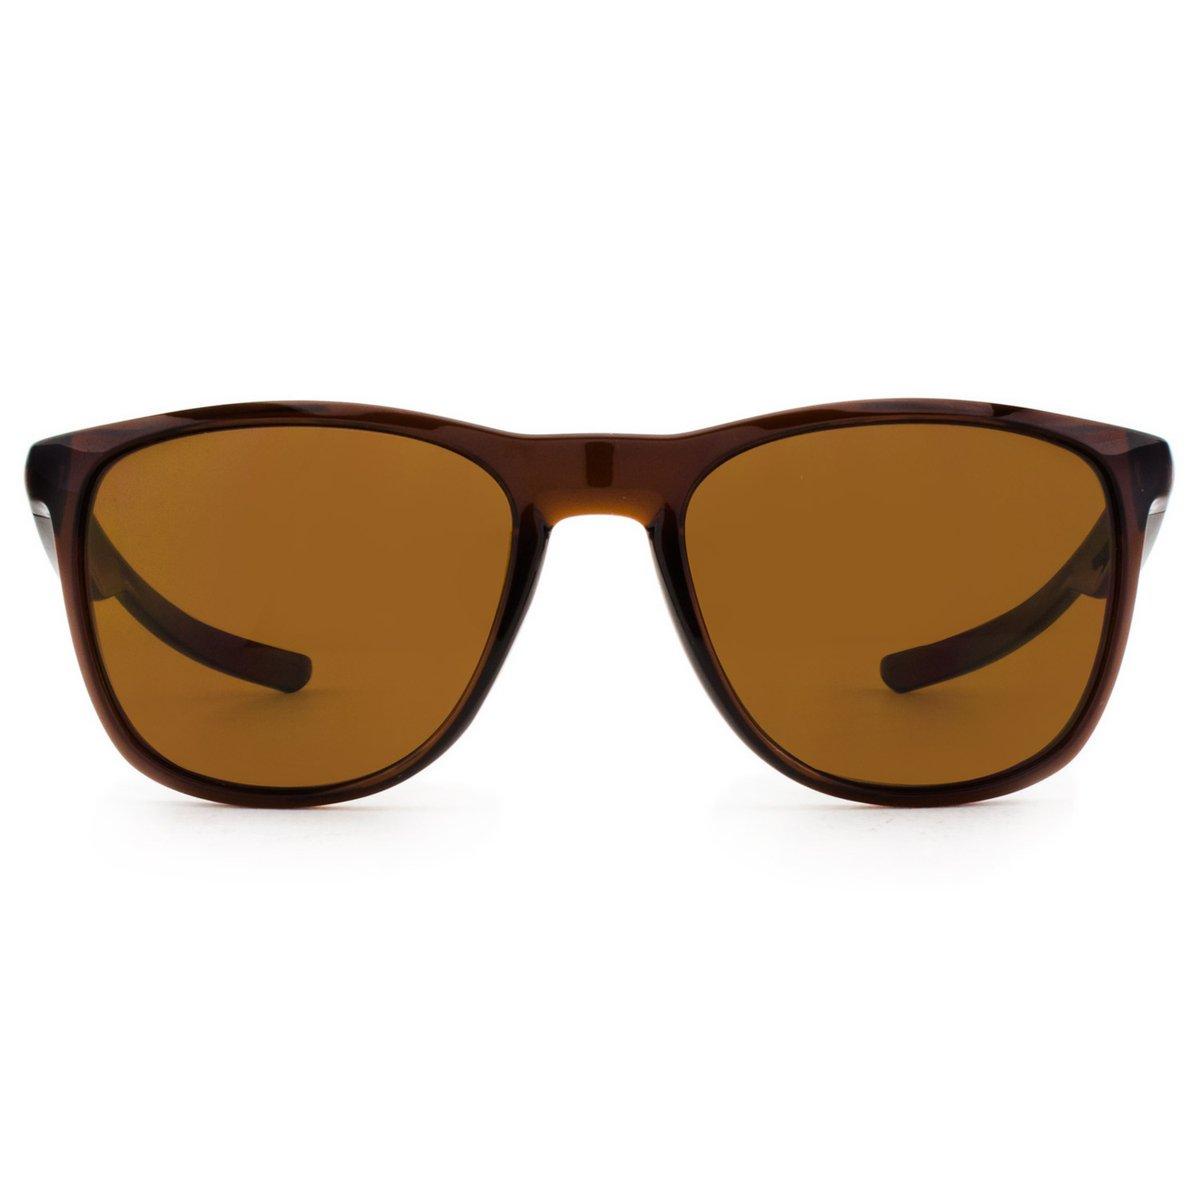 6364989ae2bab Óculos de Sol Oakley Trillbe X OO9340 06-52 Masculino - Compre Agora ...